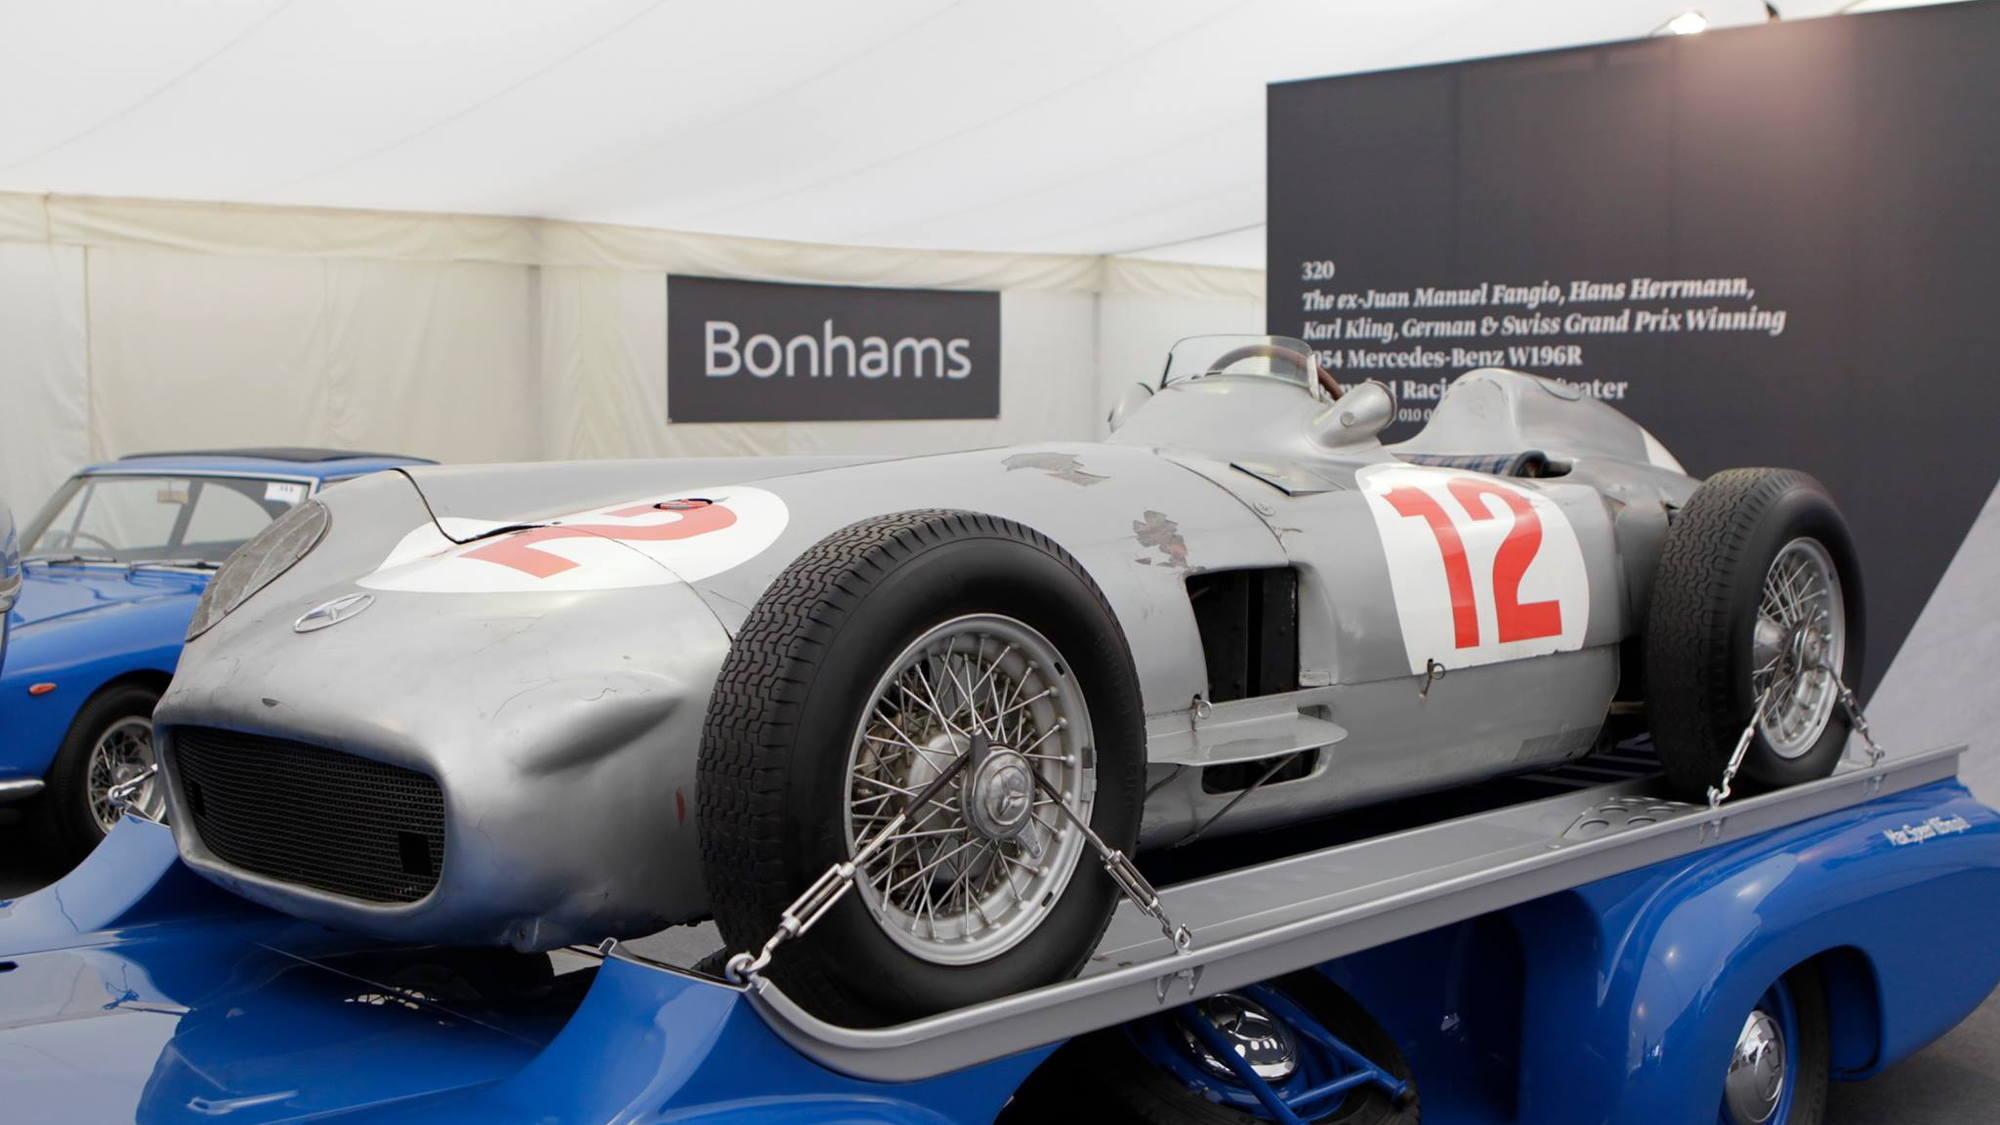 Juan Manuel Fangio's 1954 Mercedes-Benz W196 Formula 1 car sold at auction